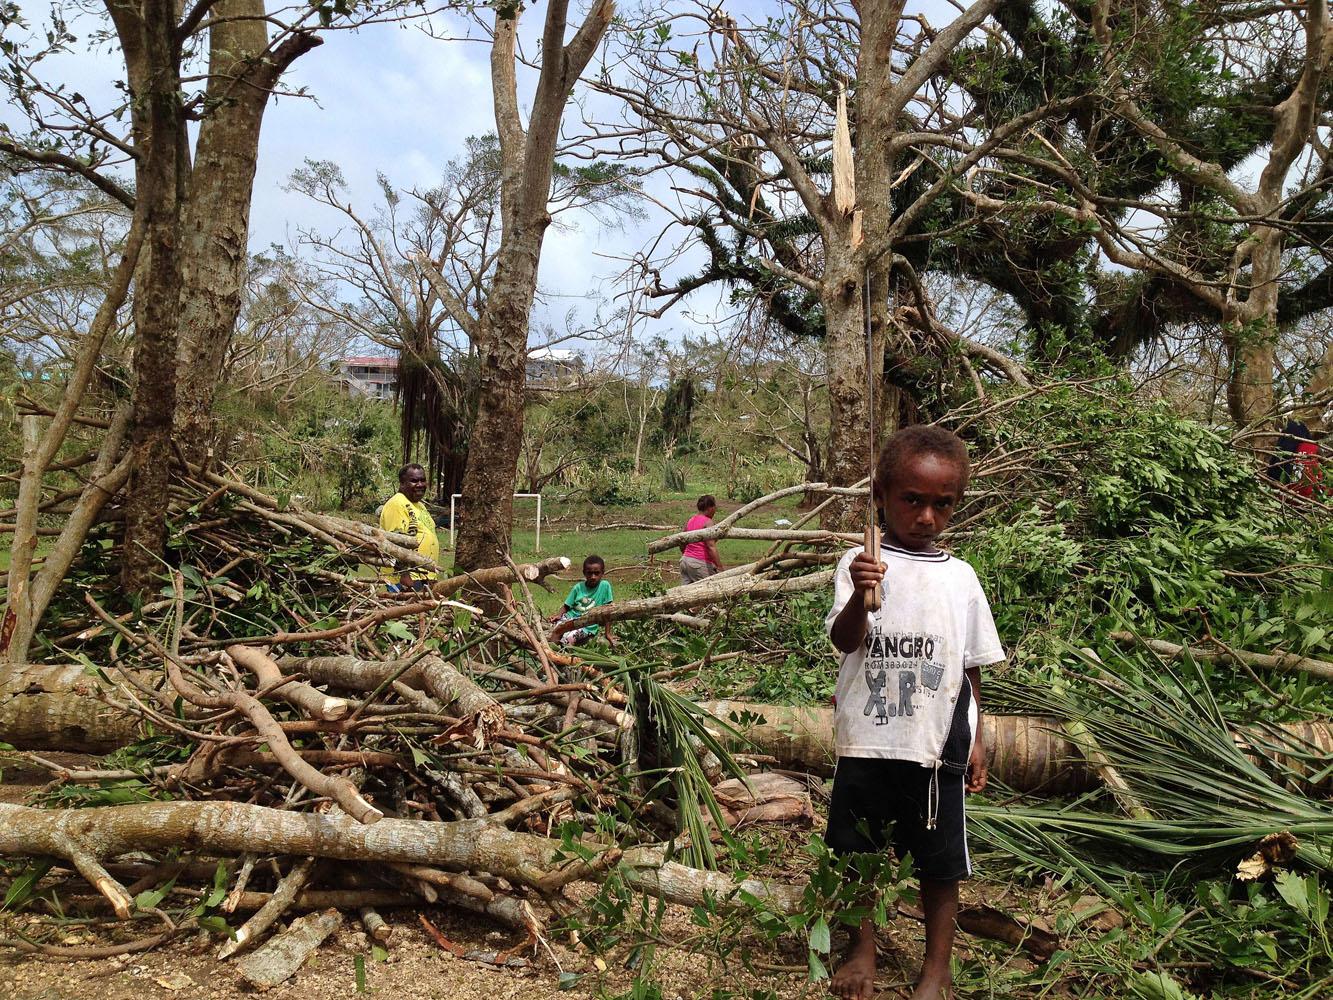 Cleaning up Cyclone Pam's destruction in Vanuatu